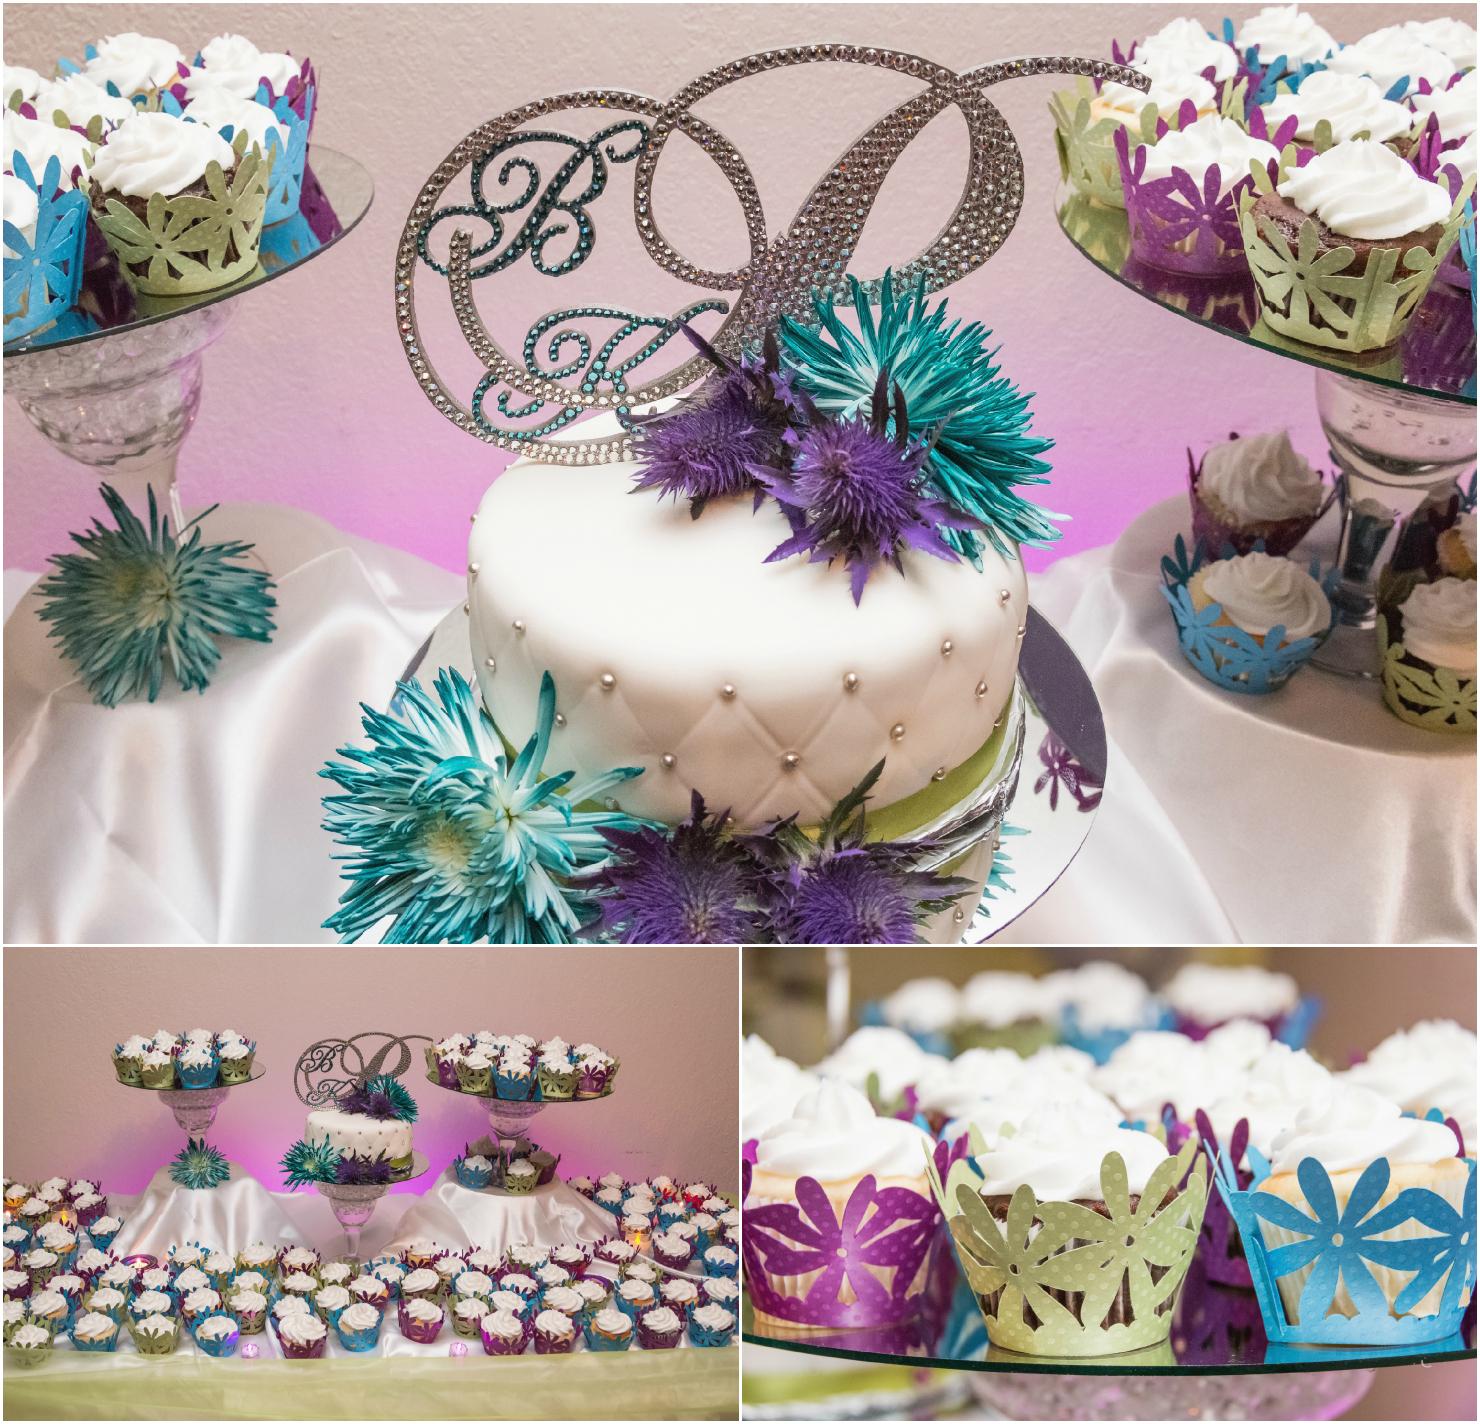 6-weddingcake.jpg